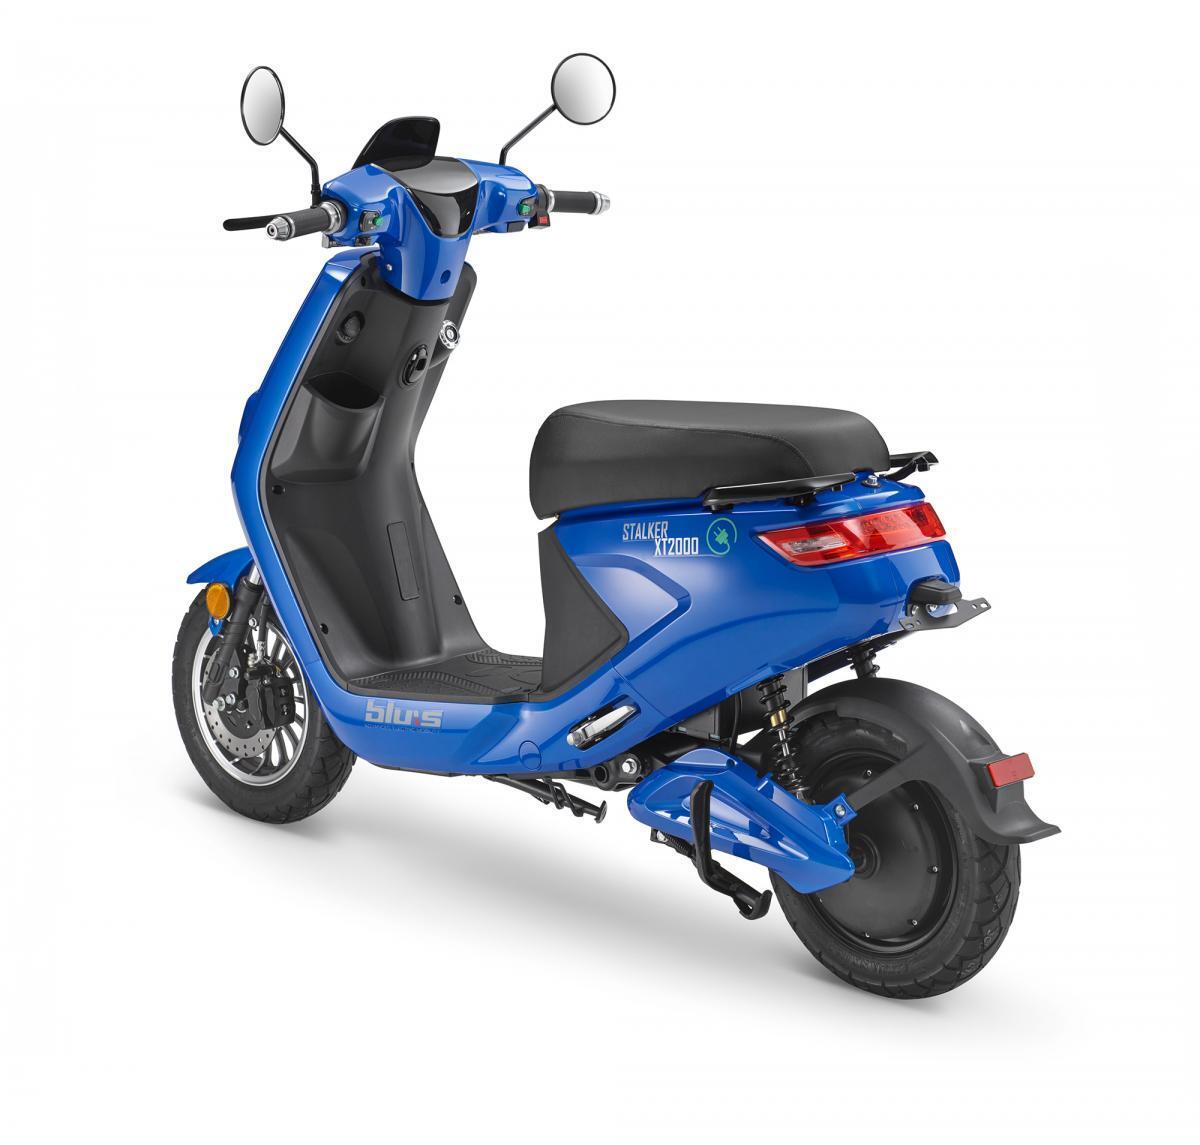 Bild 3 von Blu:s XT2000 Elektroroller STALKER (25km/h), blau